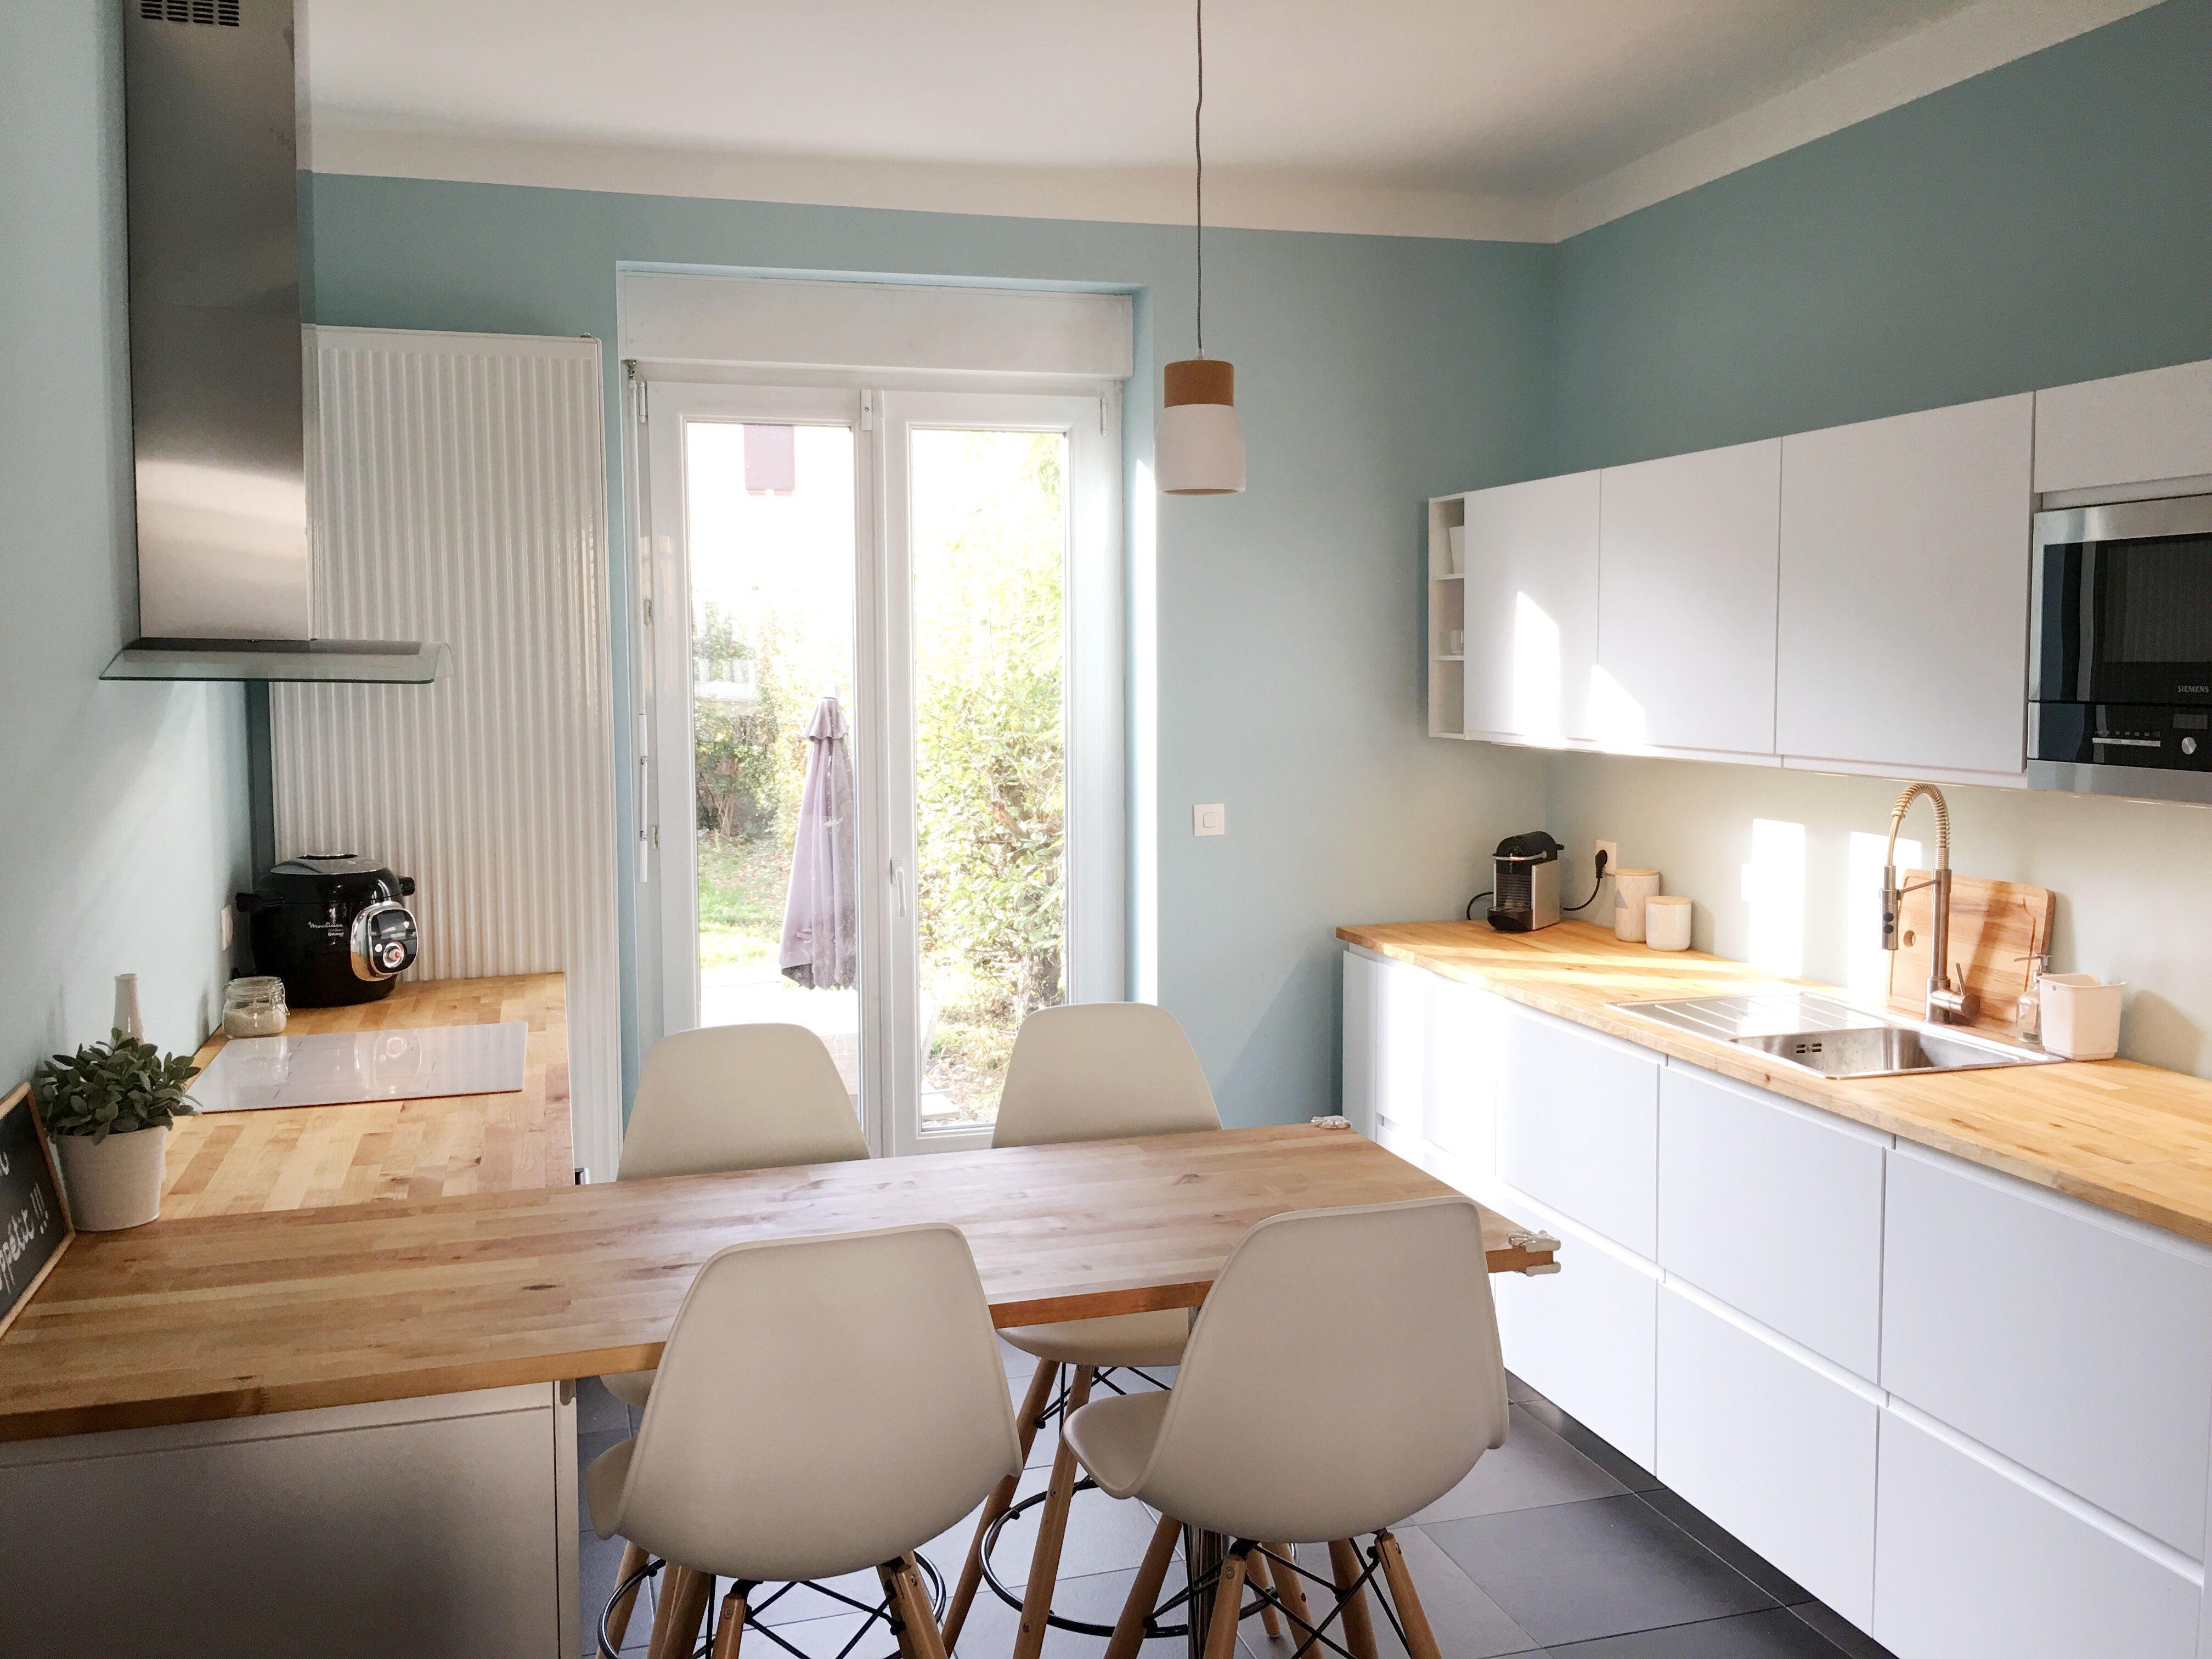 Ikea cuisine voxtorp beige in 18  Kitchen design, Ikea kitchen